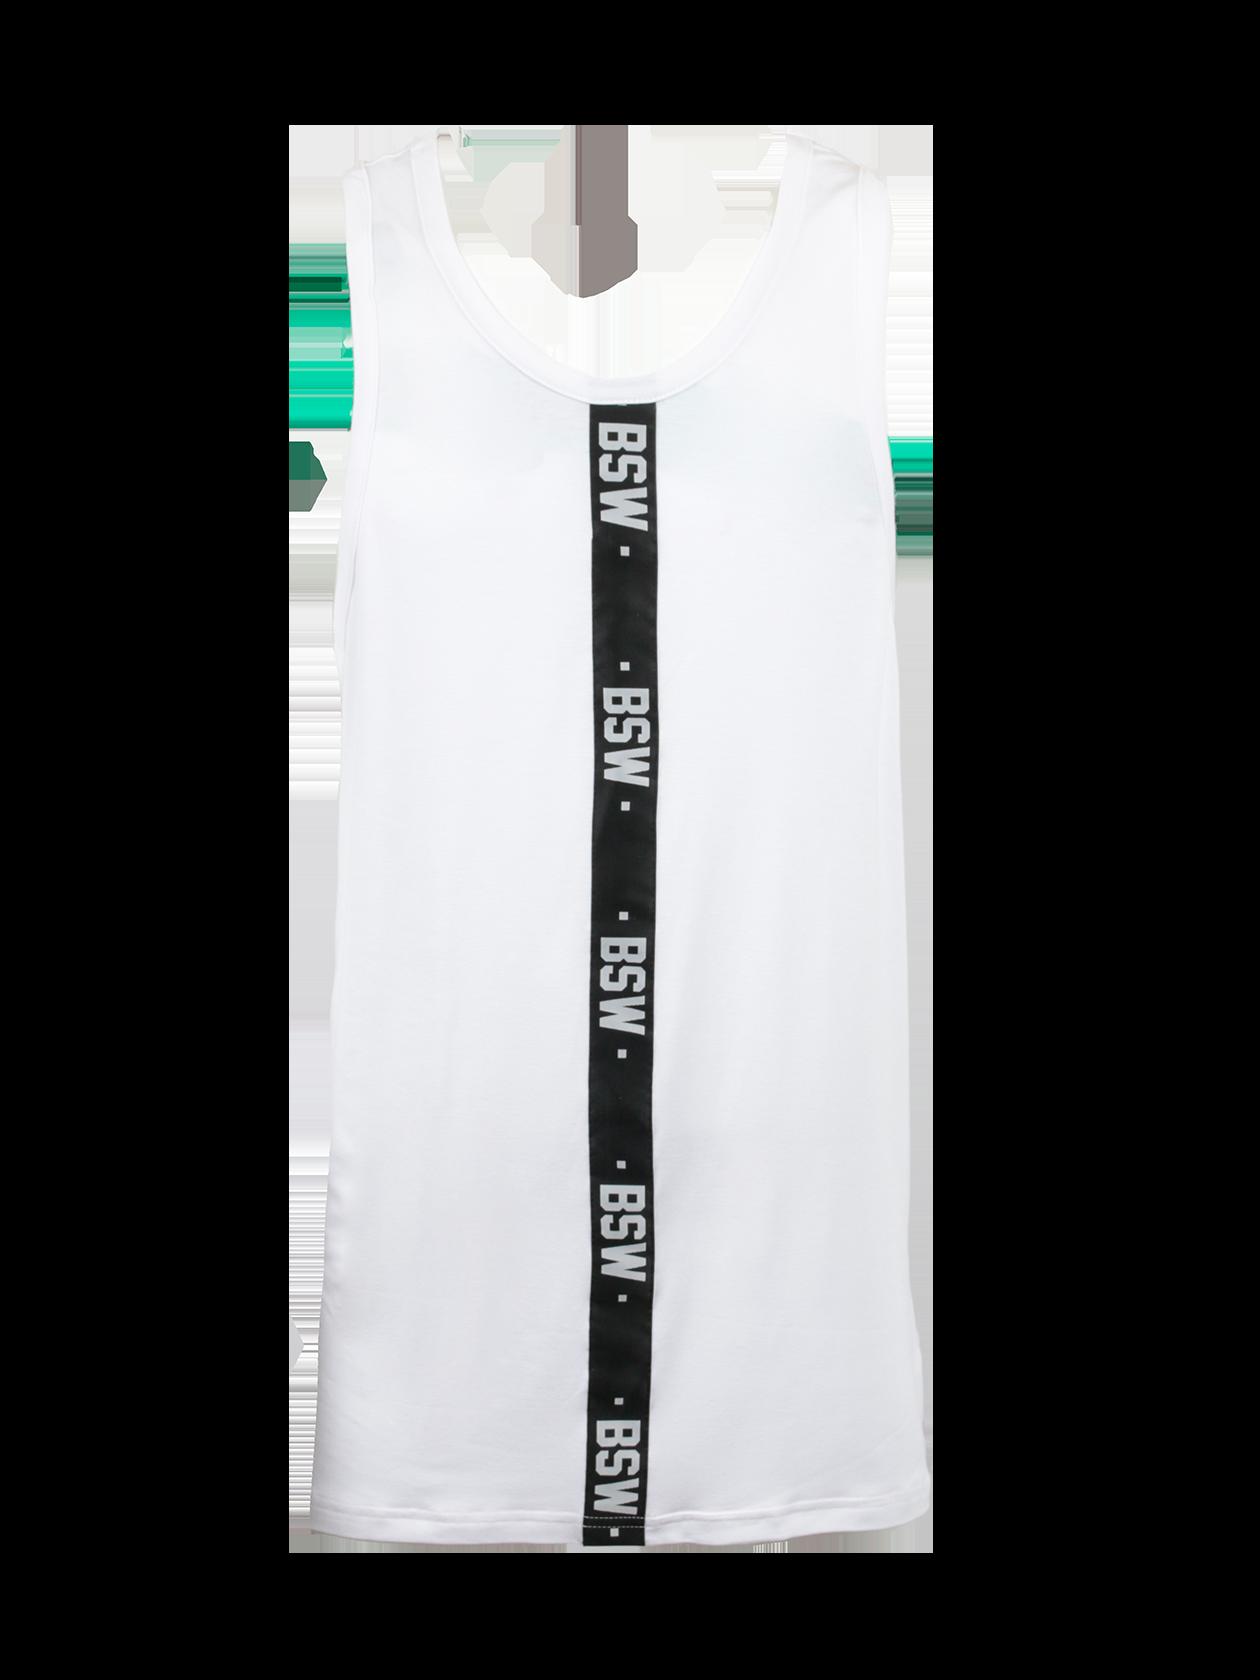 Майка мужская HARAJUKU 2.0Стильная мужская майка Harajuku 2.0 поможет разнообразить повседневный лук. Модель спортивного типа обладает прямым свободным кроем, удлиненным силуэтом. Изделие представлено в базовых белой и черной расцветках, отлично сочетающихся с всевозможной одеждой и обувью. Дизайн дополнен черными вертикальными вставками с надписями BSW, оформленными по центру фронтальной и тыльной стороны. Майка сшита из натурального хлопка премиального качества, идеально подходит для спорта и отдыха.<br><br>Размер: S<br>Цвет: Белый<br>Пол: Мужской